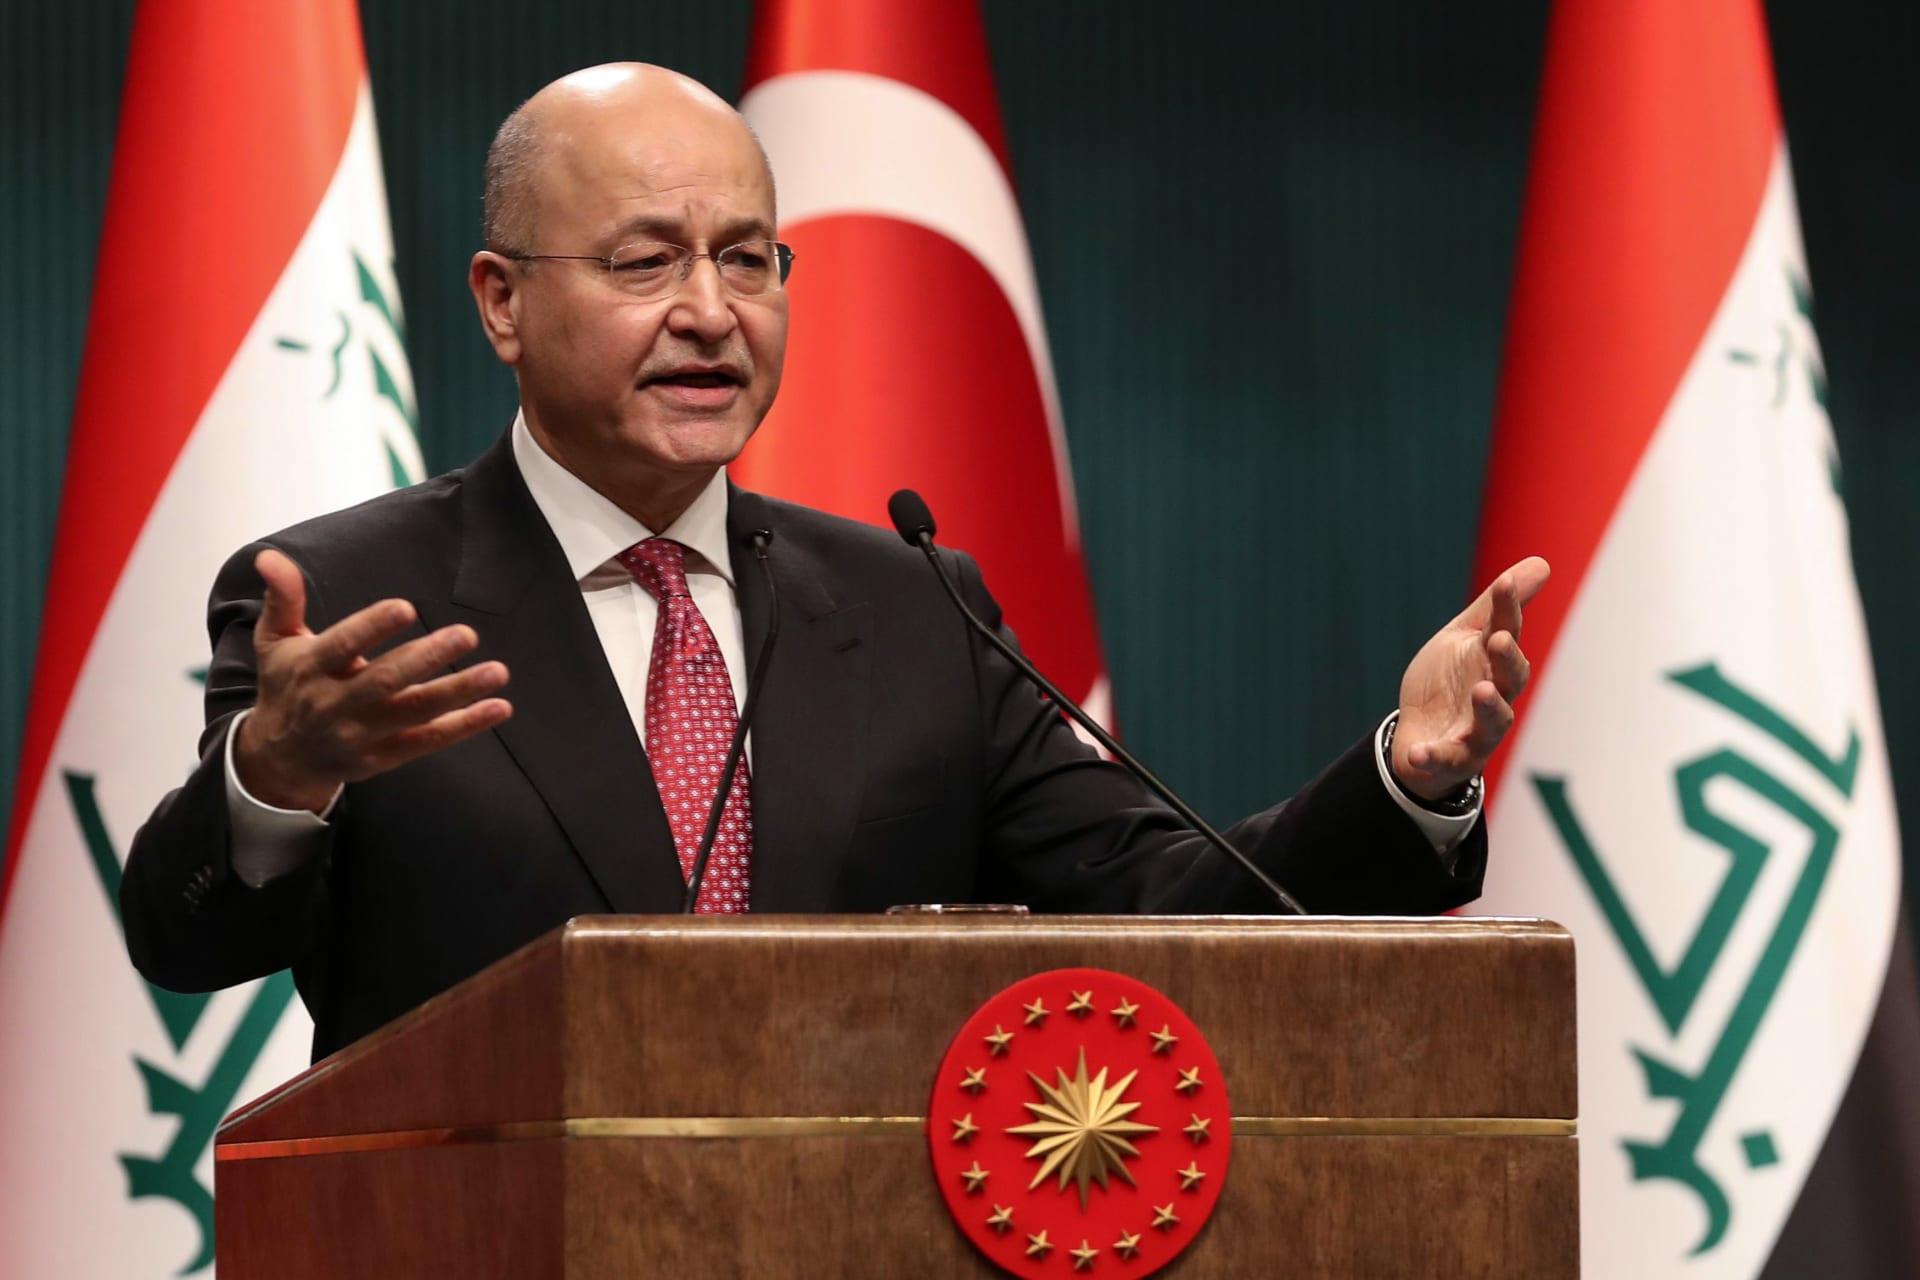 الرئيس العراقي يرد على قرار ترامب بشأن بقاء القوات الأمريكية في بلاده